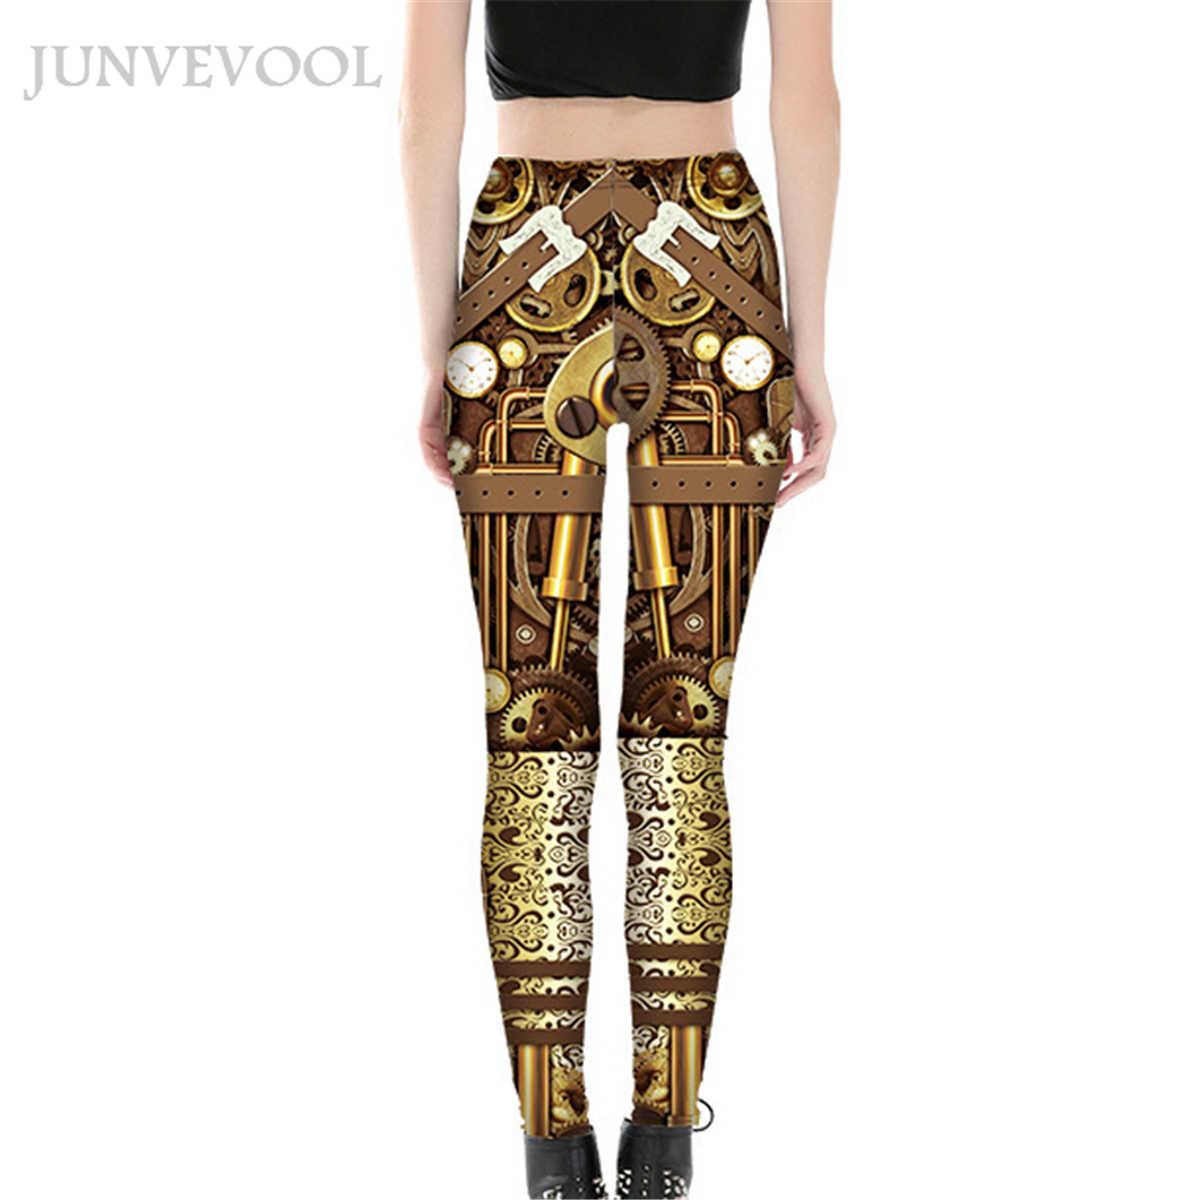 Робот элегантные леггинсы красочные 3D печать женские облегающие тонкие брюки высокие эластичные обтягивающие женские платье-карандаш для вечеринки Капри Лидер продаж